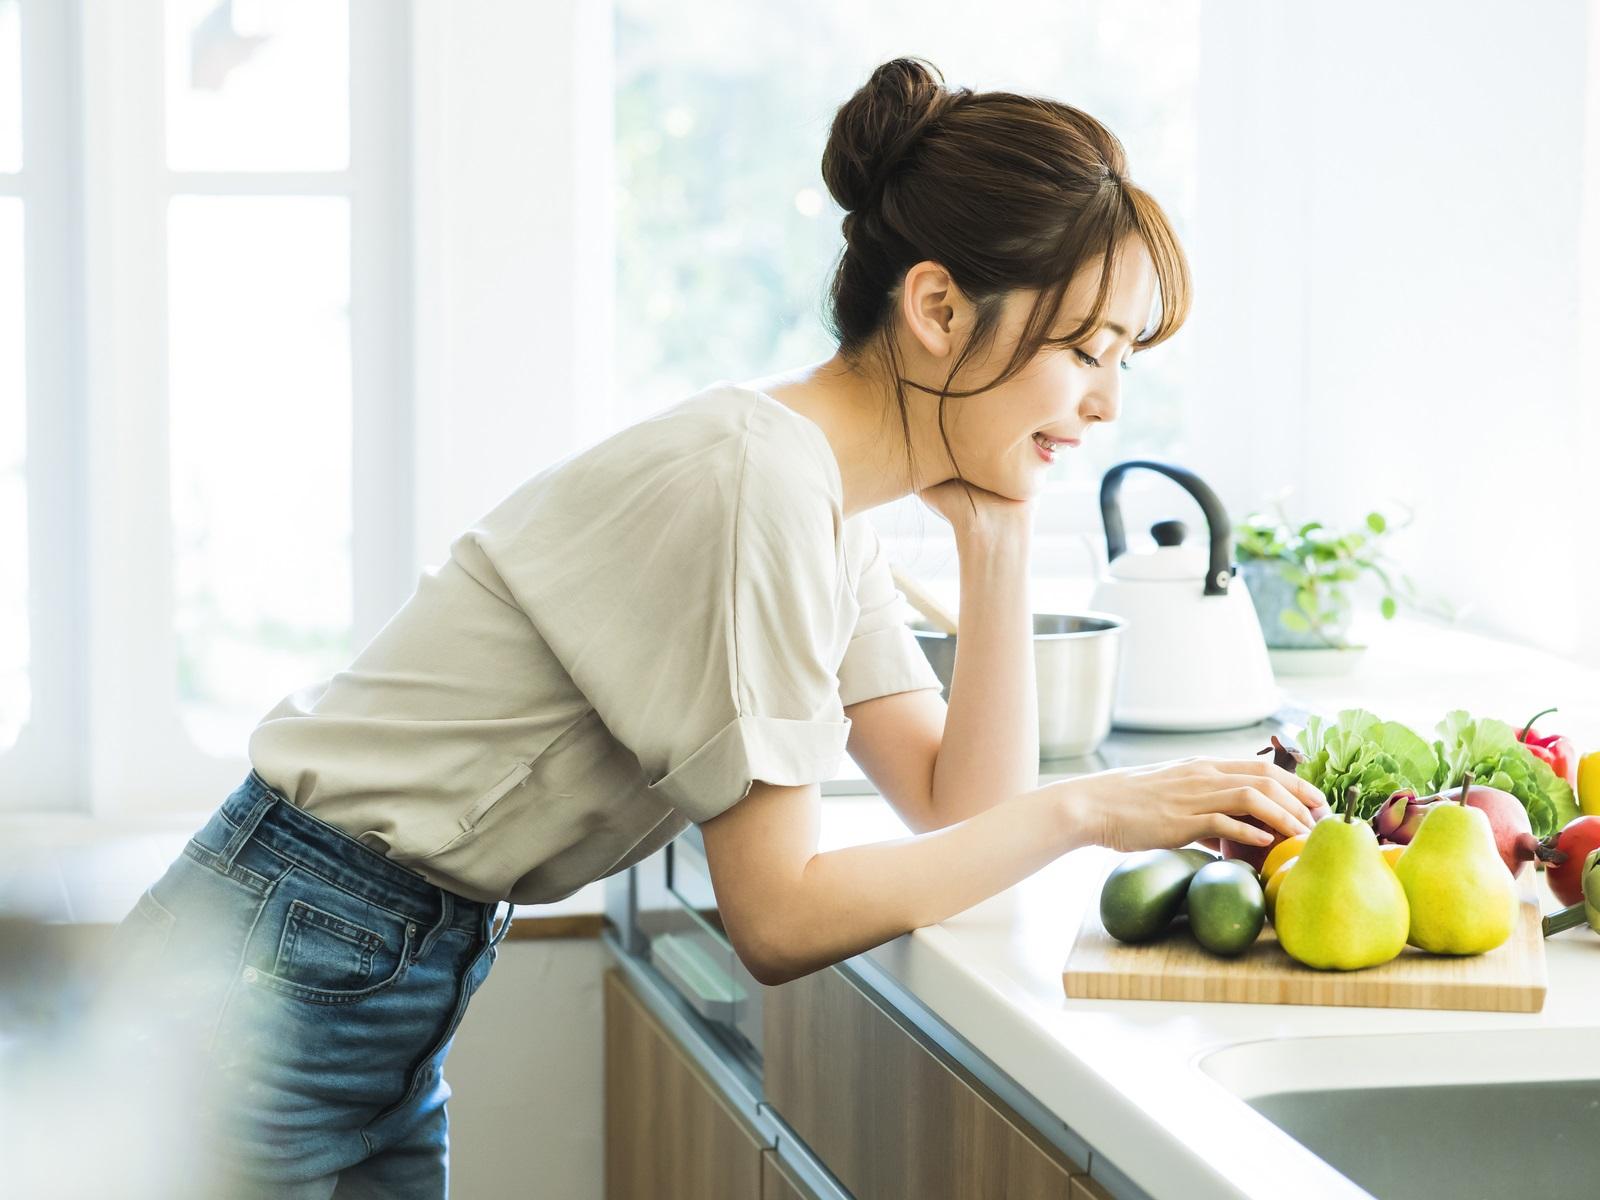 産後の食事、とてもじゃないけど作れない…この時期をどう乗り越える?